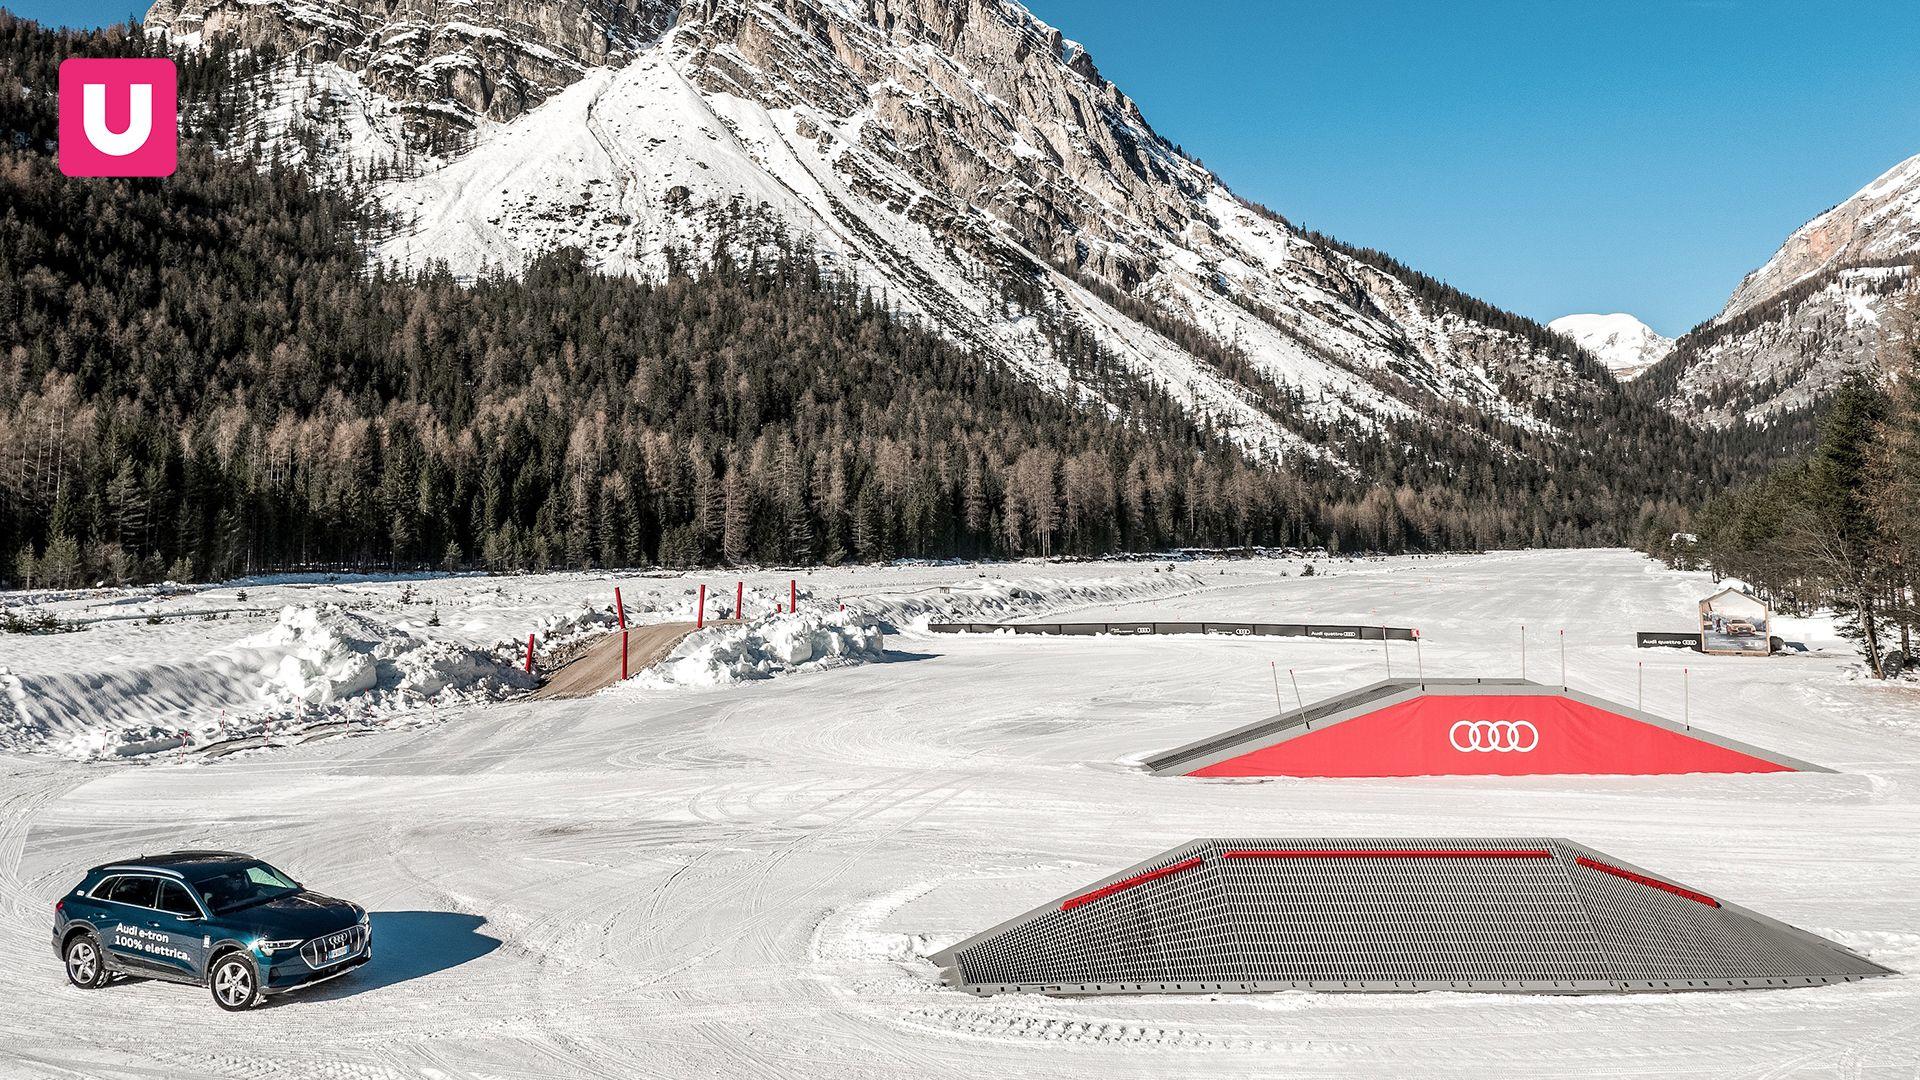 Mobilità sostenibile con Audi a Cortina